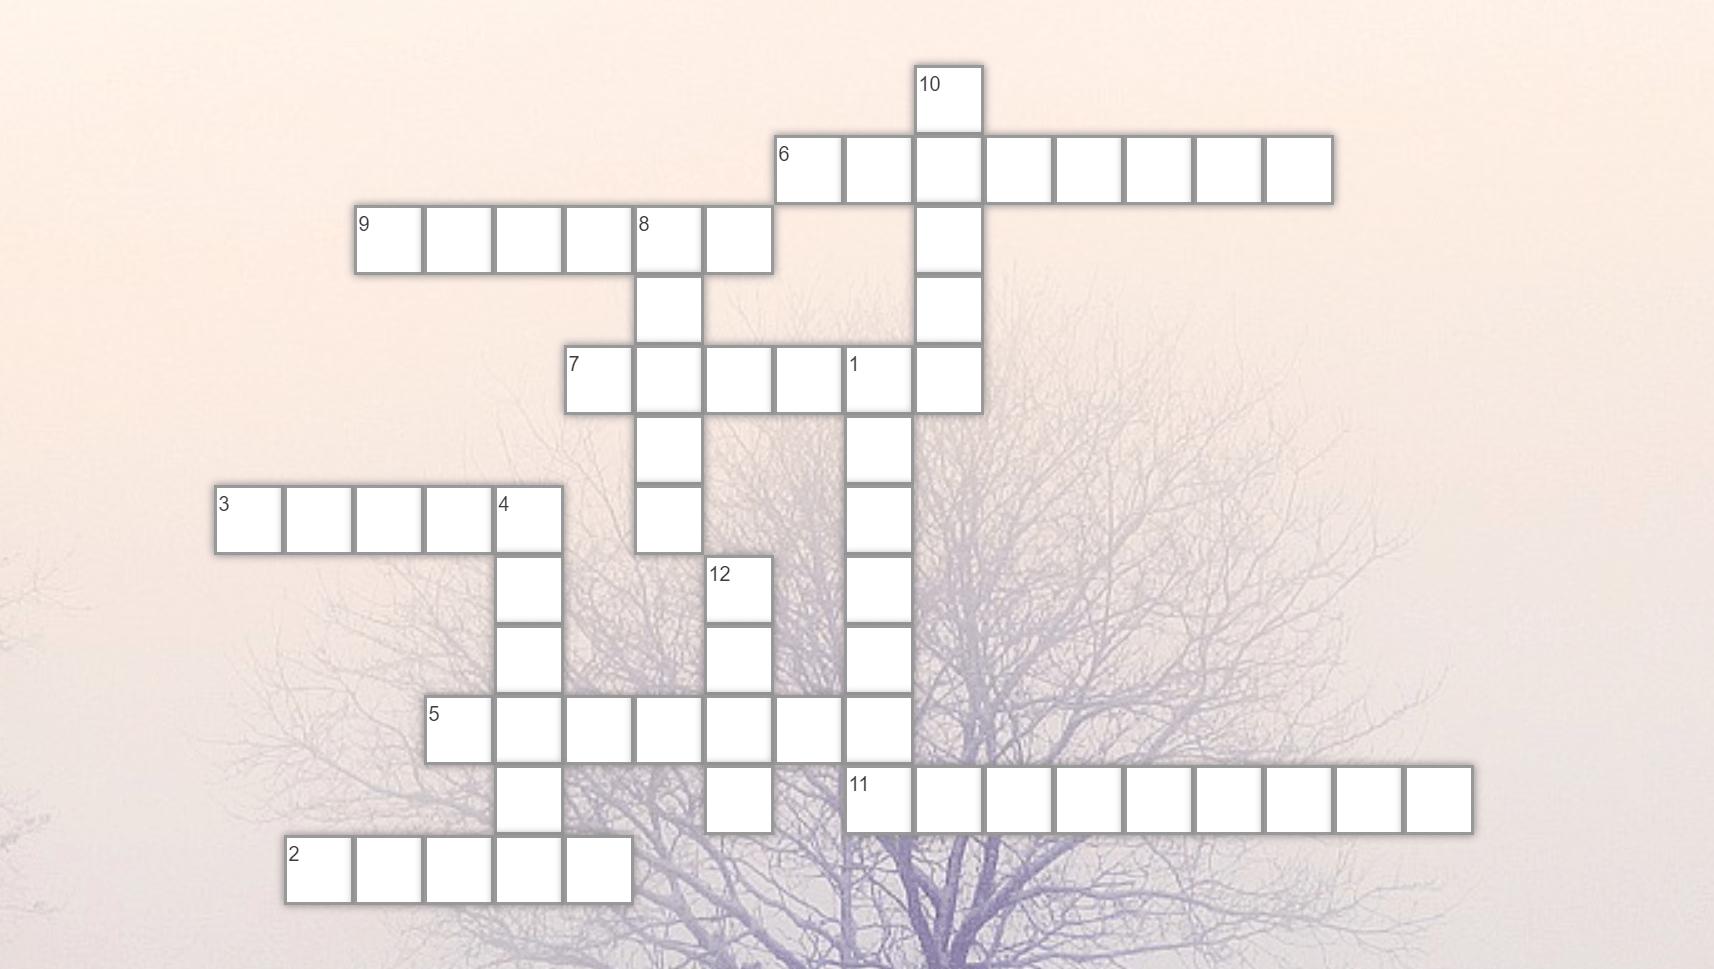 Crucigrama Palabras del invierno Spanish, Crossword